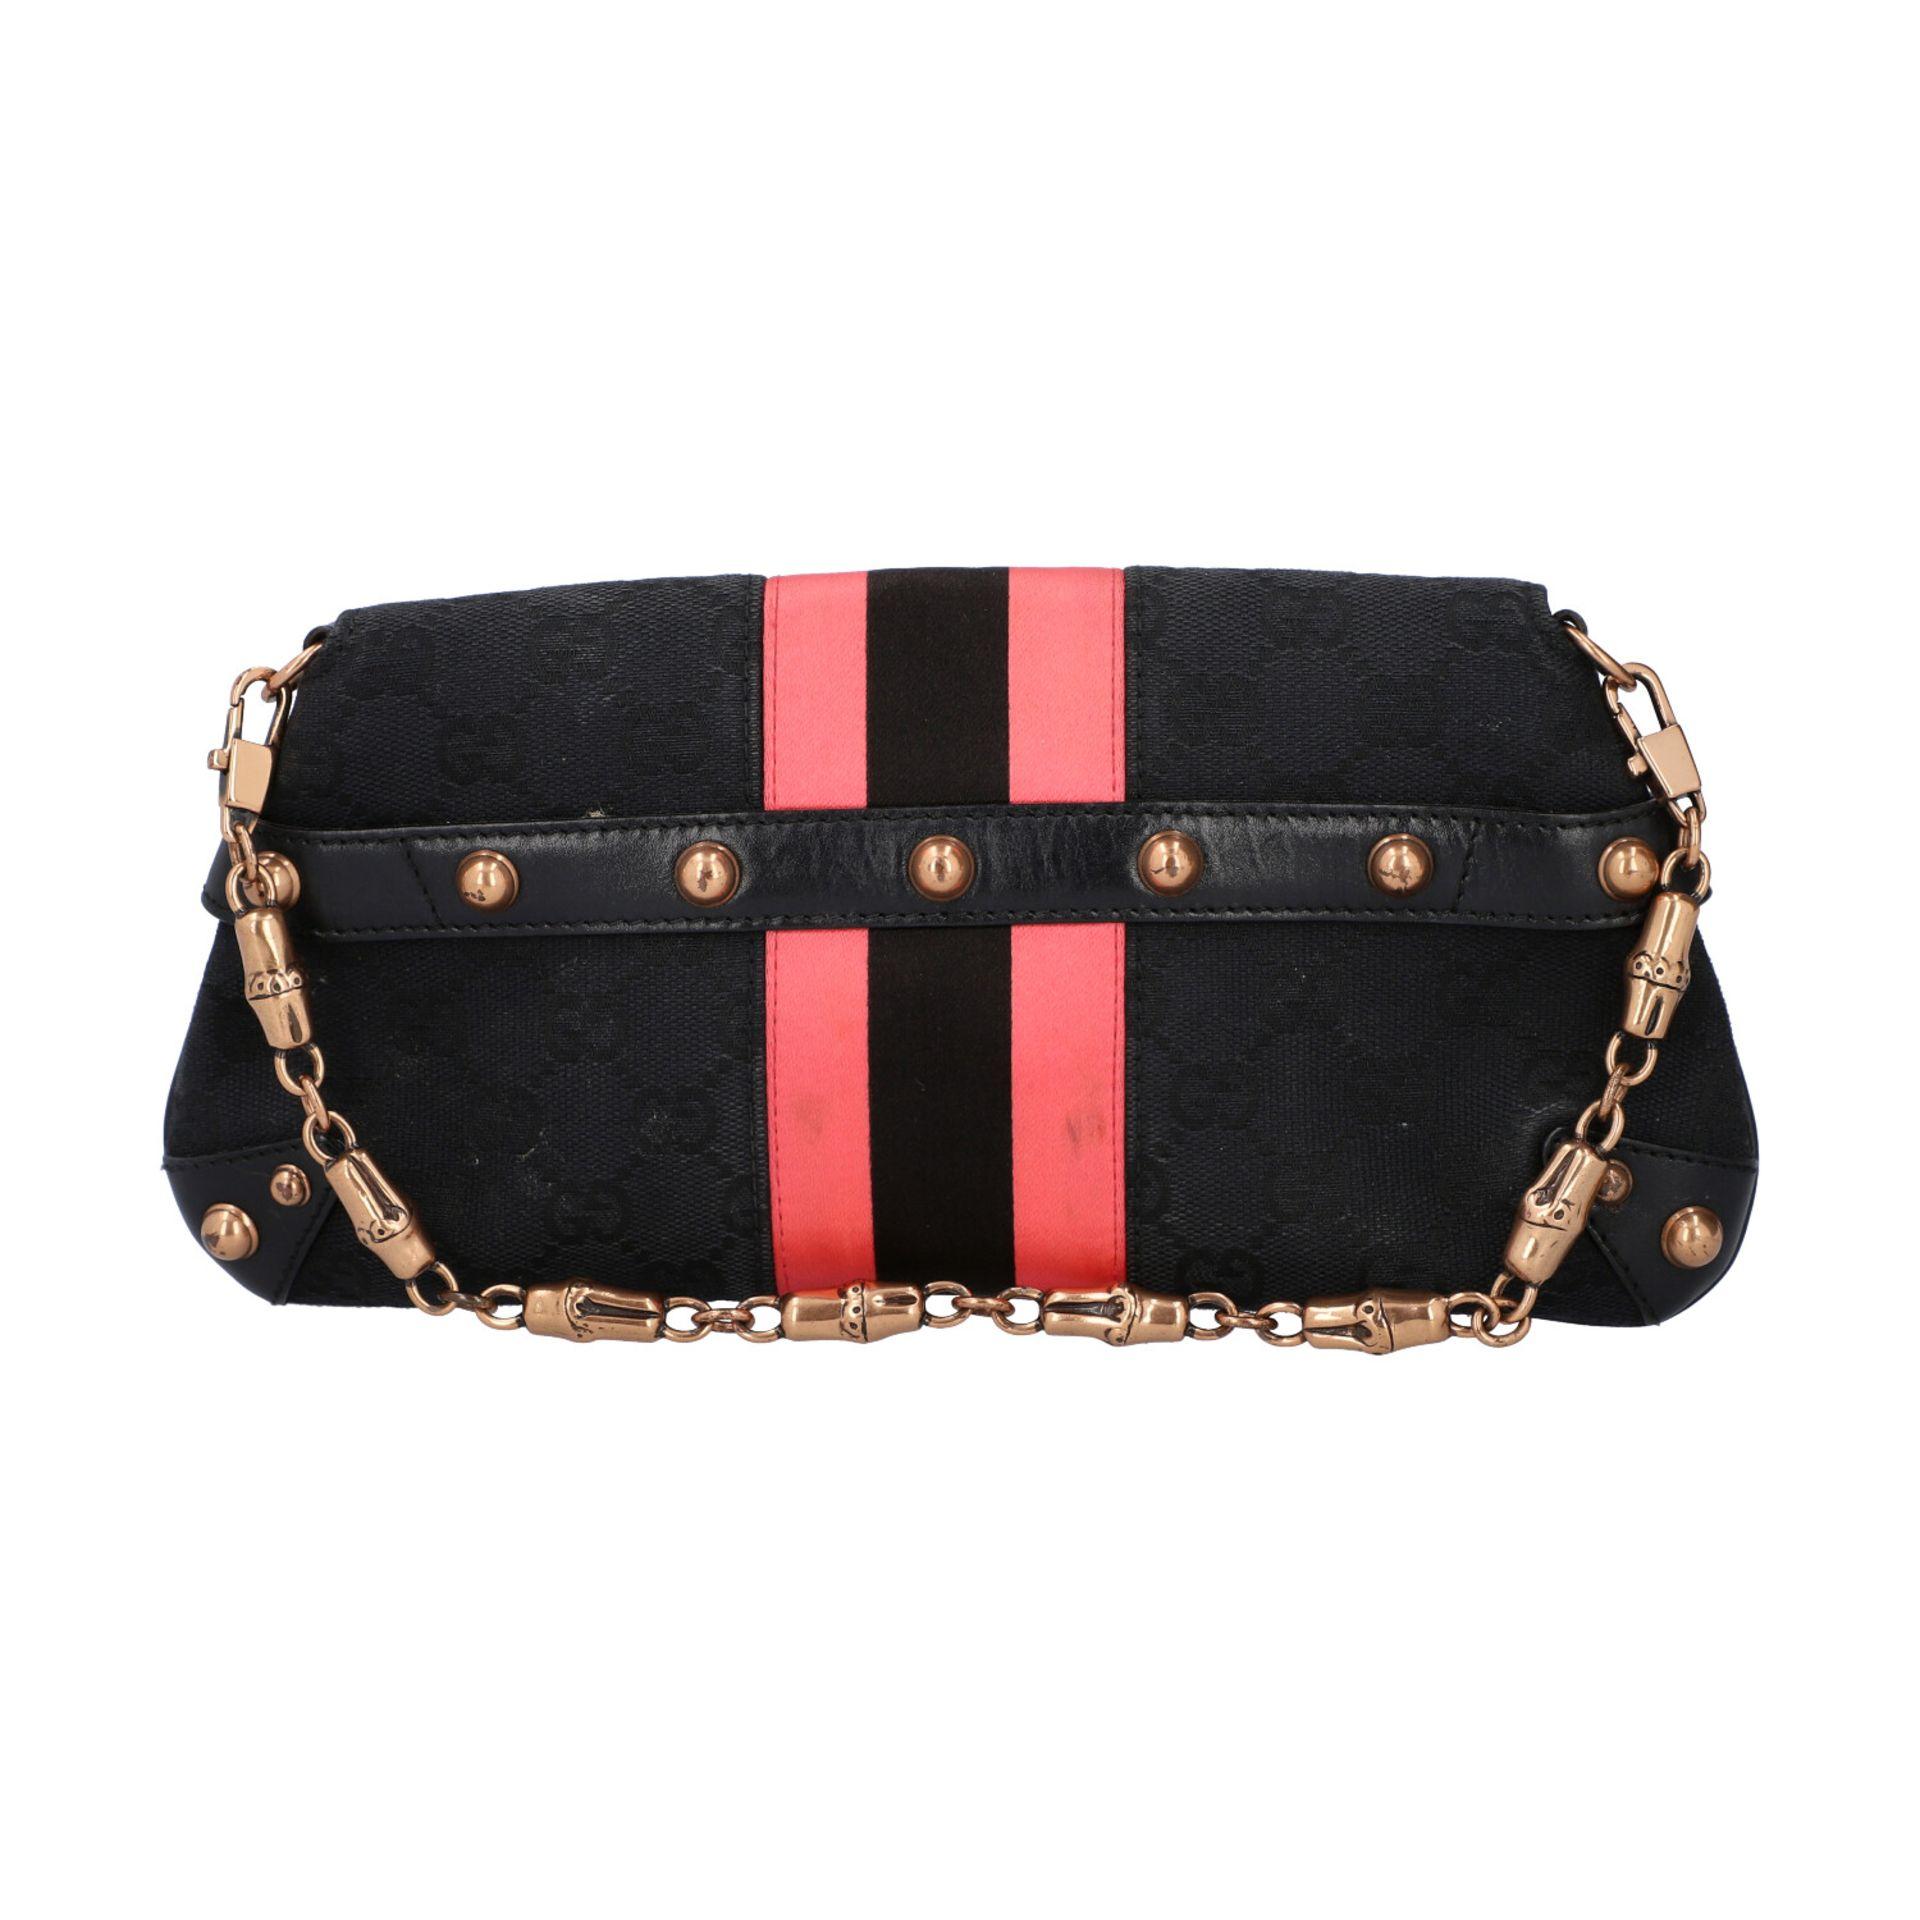 GUCCI Pochette. Guccissima Webmuster in Schwarz mit rosafarbenen Streifen und roségol - Image 4 of 8